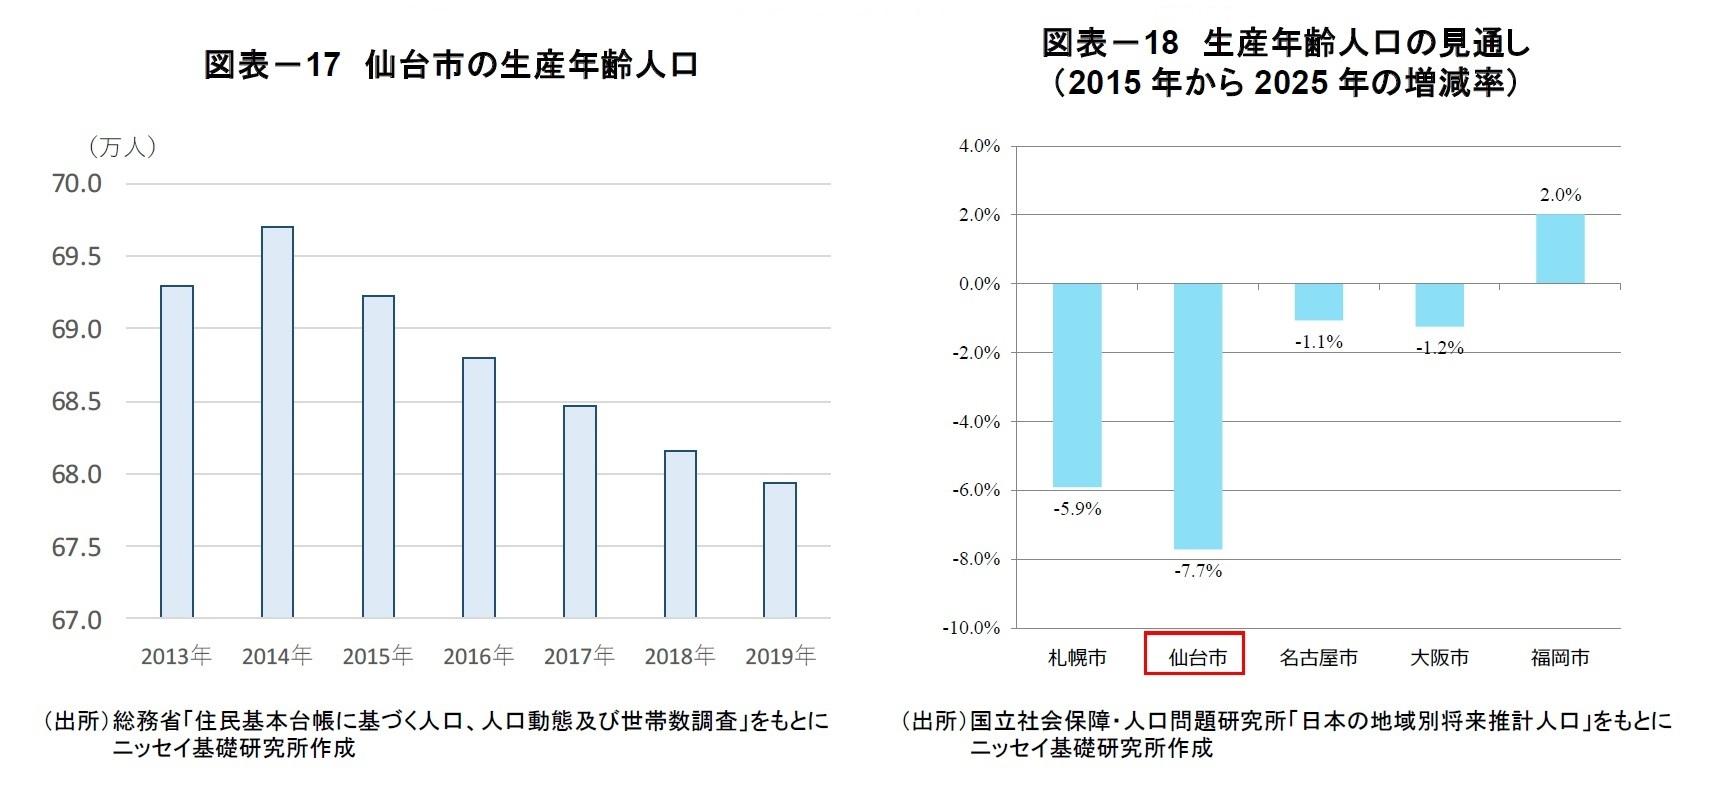 図表-17 仙台市の生産年齢人口/図表-18 生産年齢人口の見通し  (2015 年から2025 年の増減率)